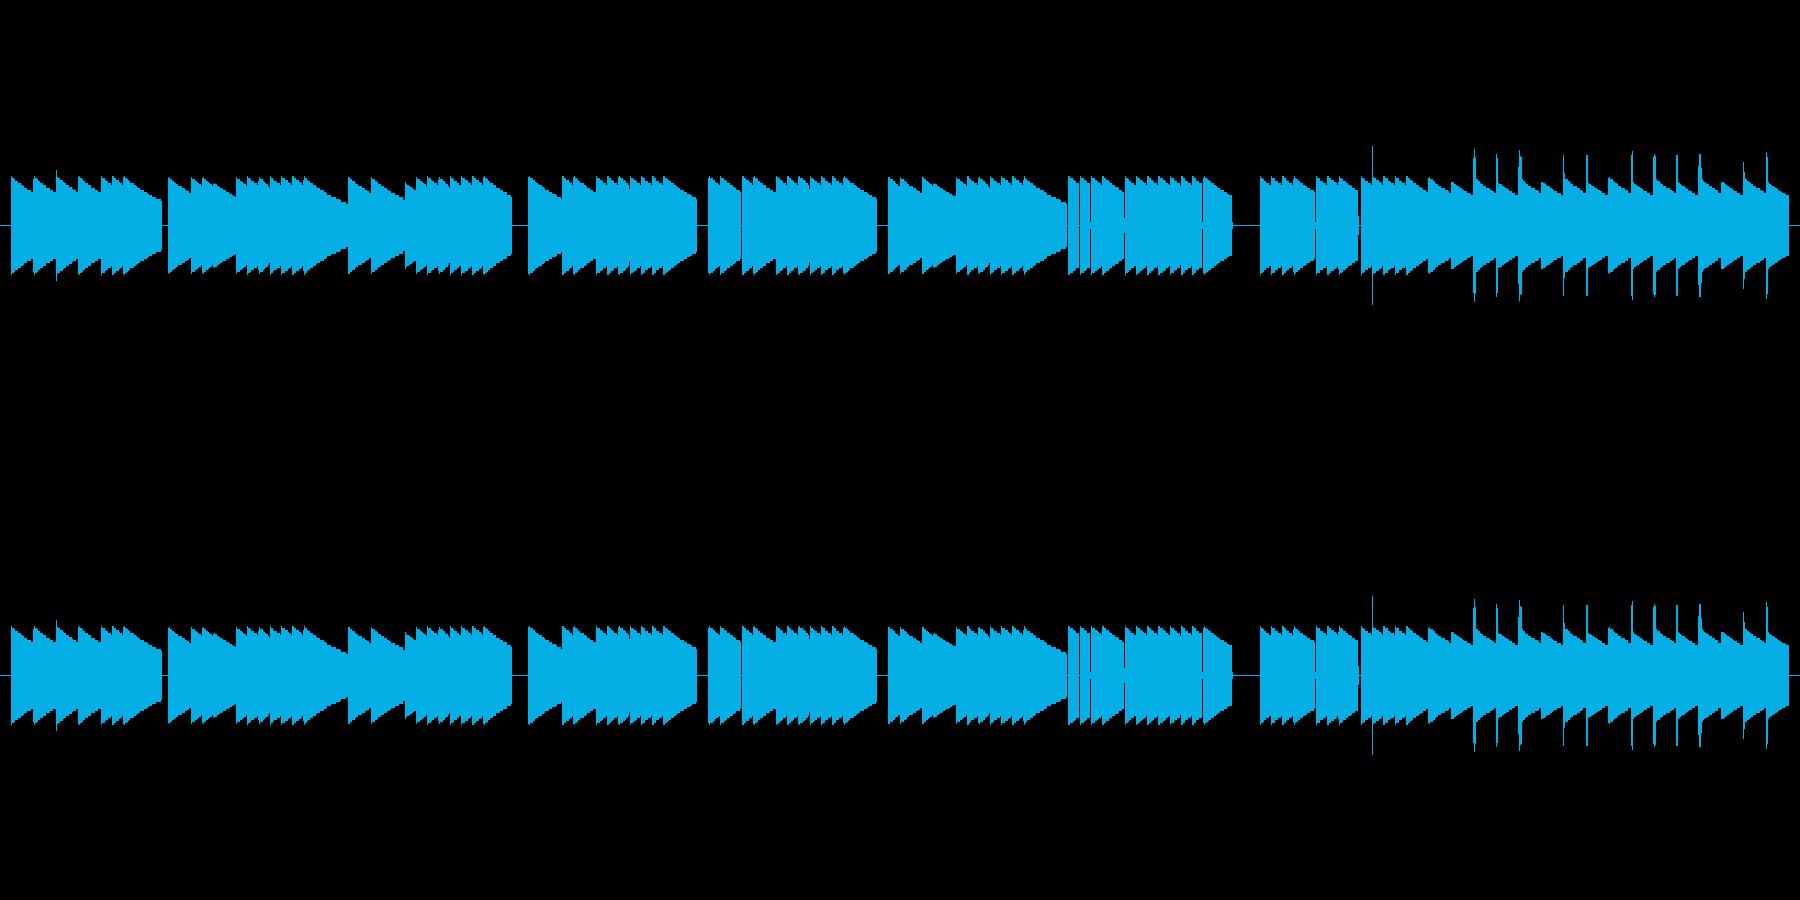 童謡「通りゃんせ」信号機アレンジの再生済みの波形